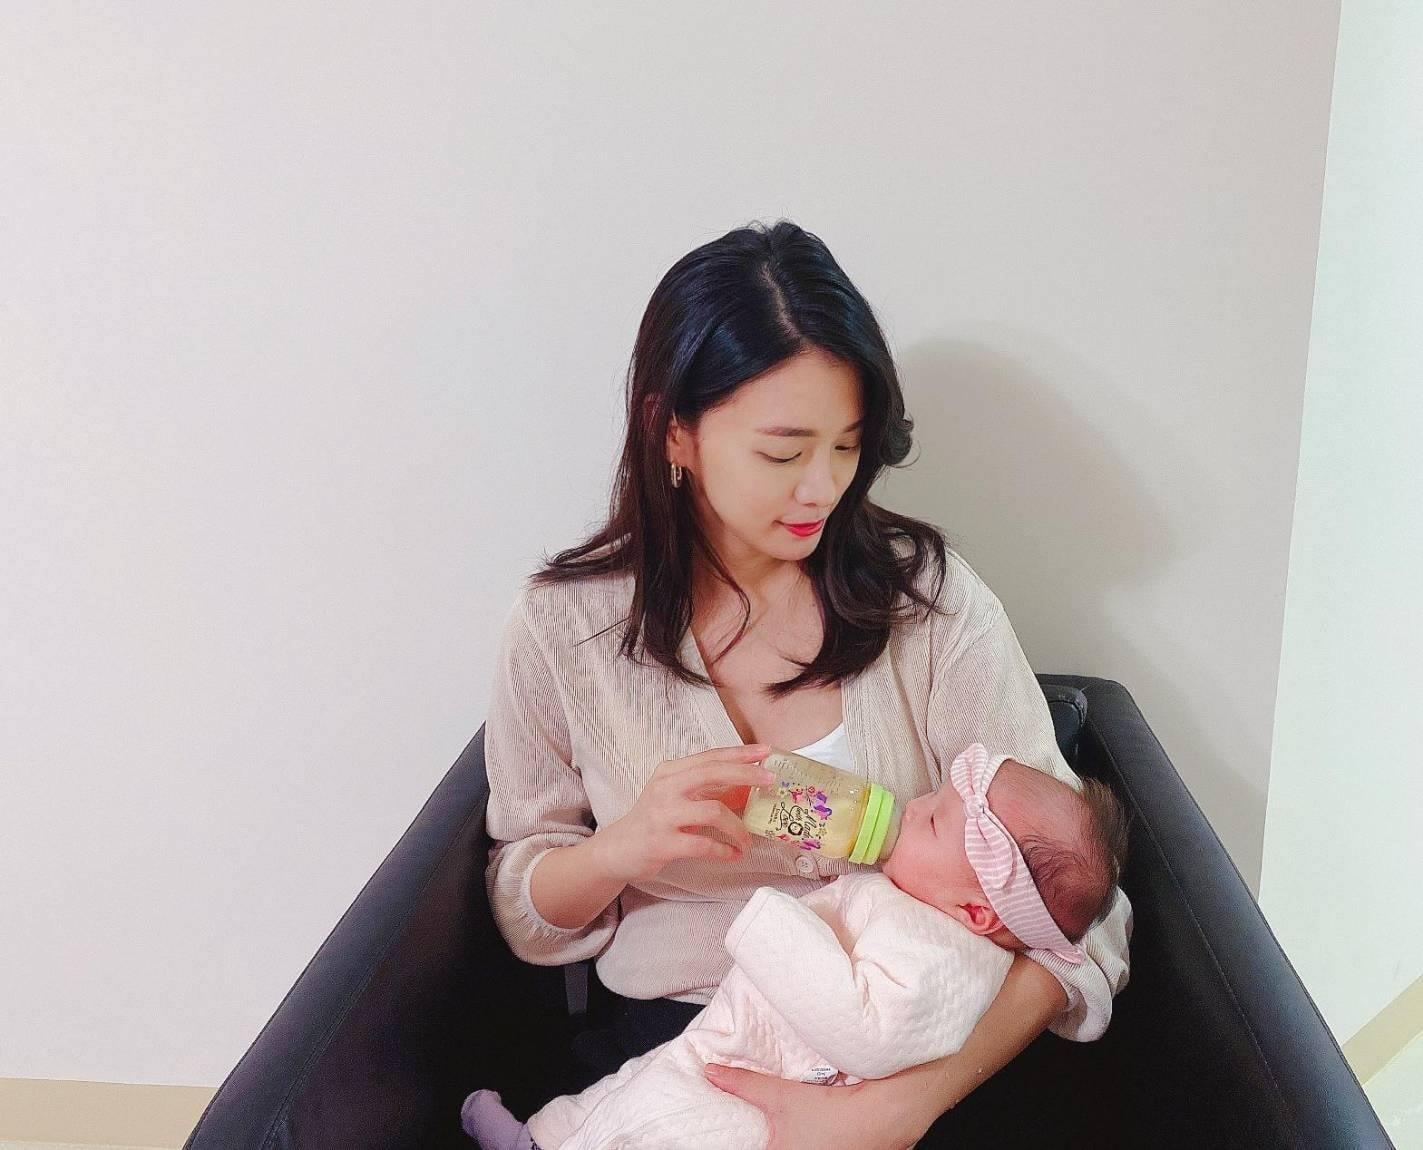 身為女兒4個月大的新手媽咪,一定會遇到許多崩潰狀況